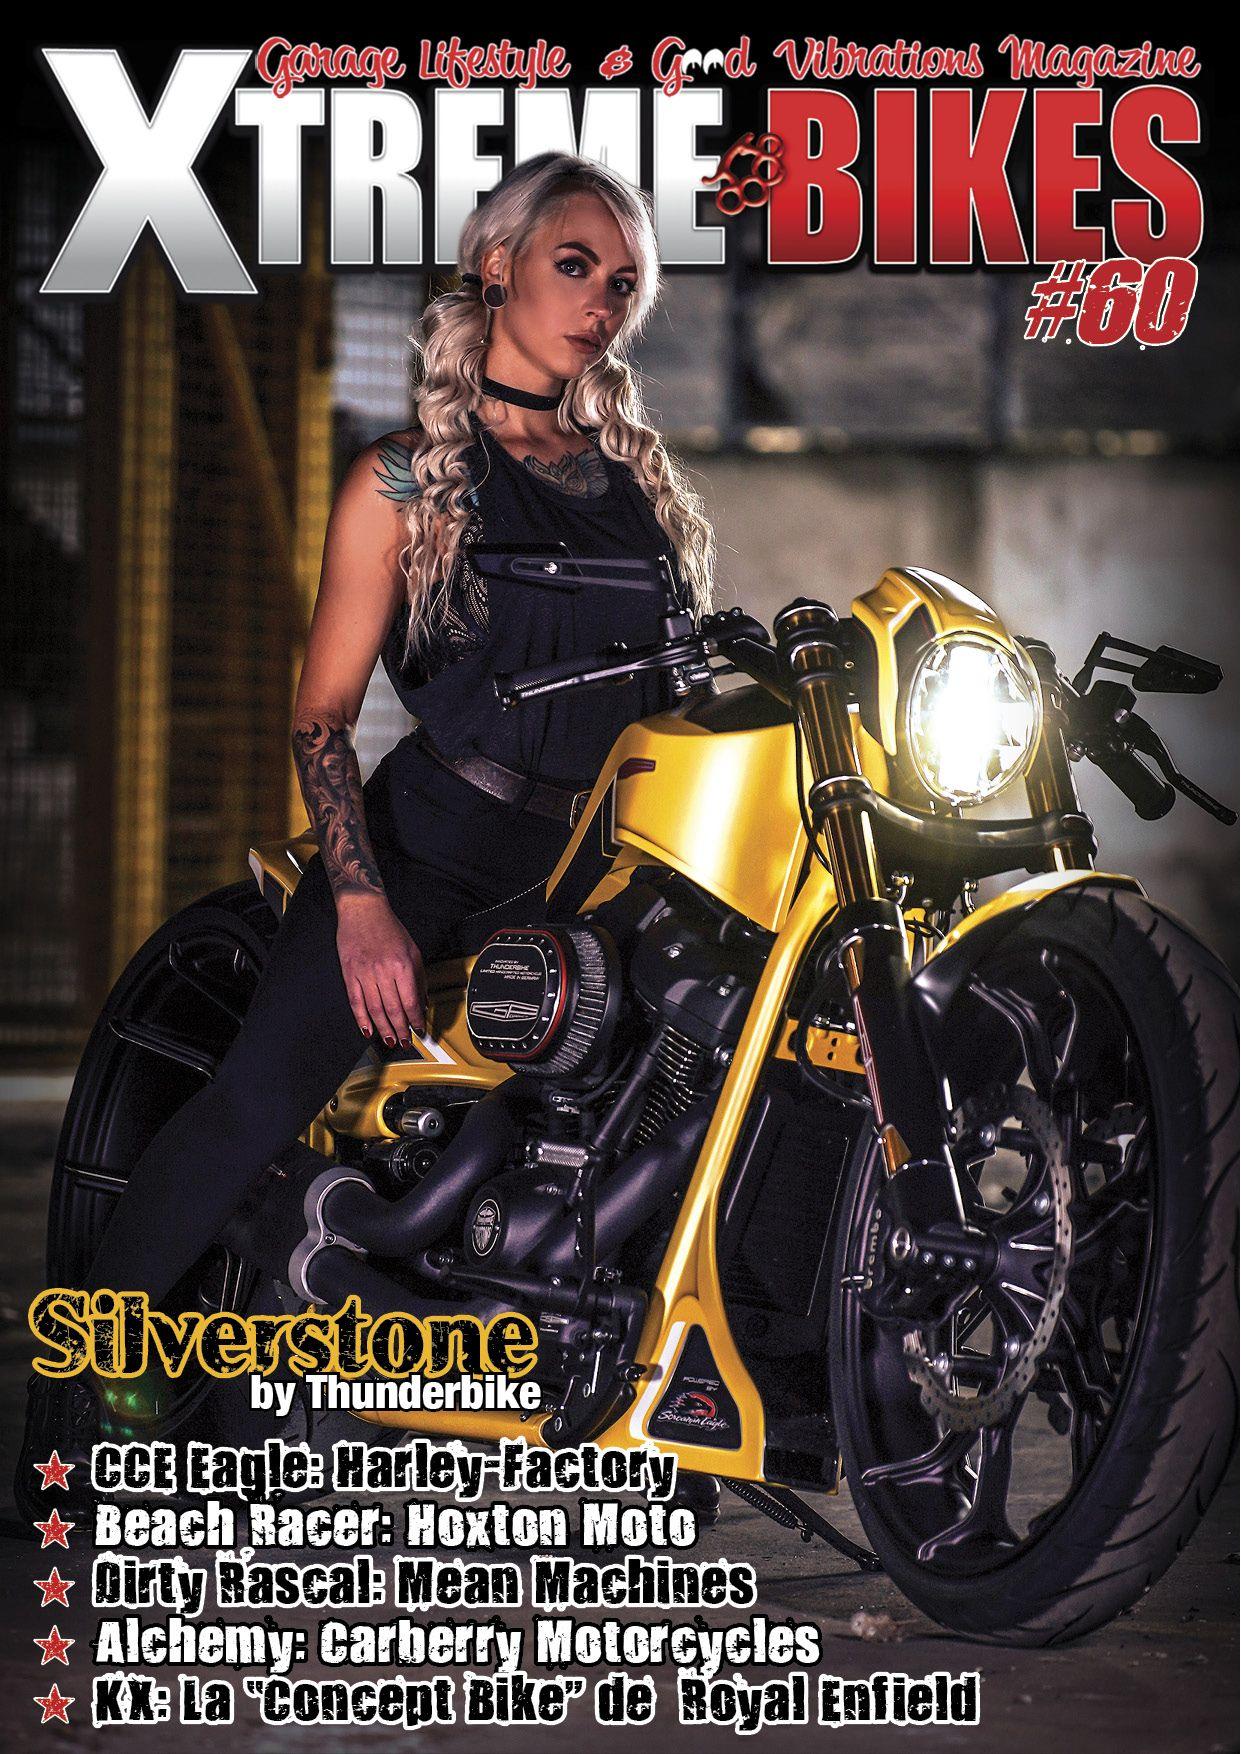 Xtreme Bikes #60